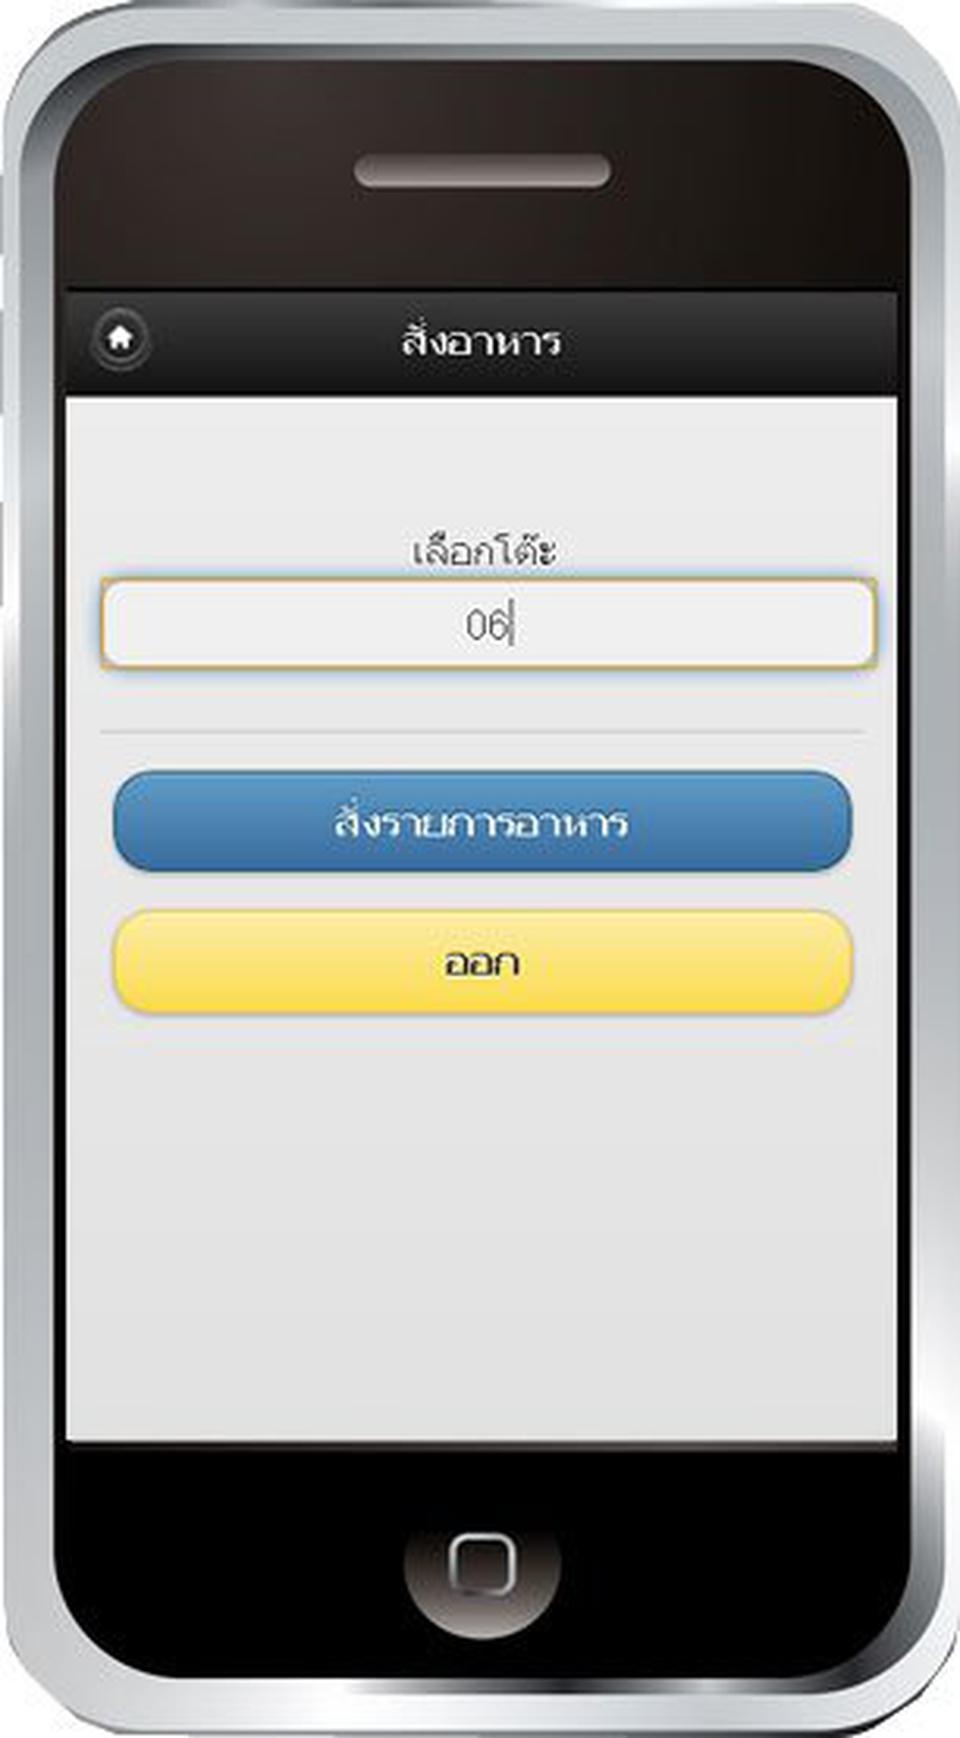 โปรแกรมร้านอาหาร บน android, โปรแกรมร้านอาหาร บน Smart Phone,  โปรแกรมร้านอาหาร บน iPad, โปรแกรมร้านอาหาร บน iPhone, โปร รูปที่ 4